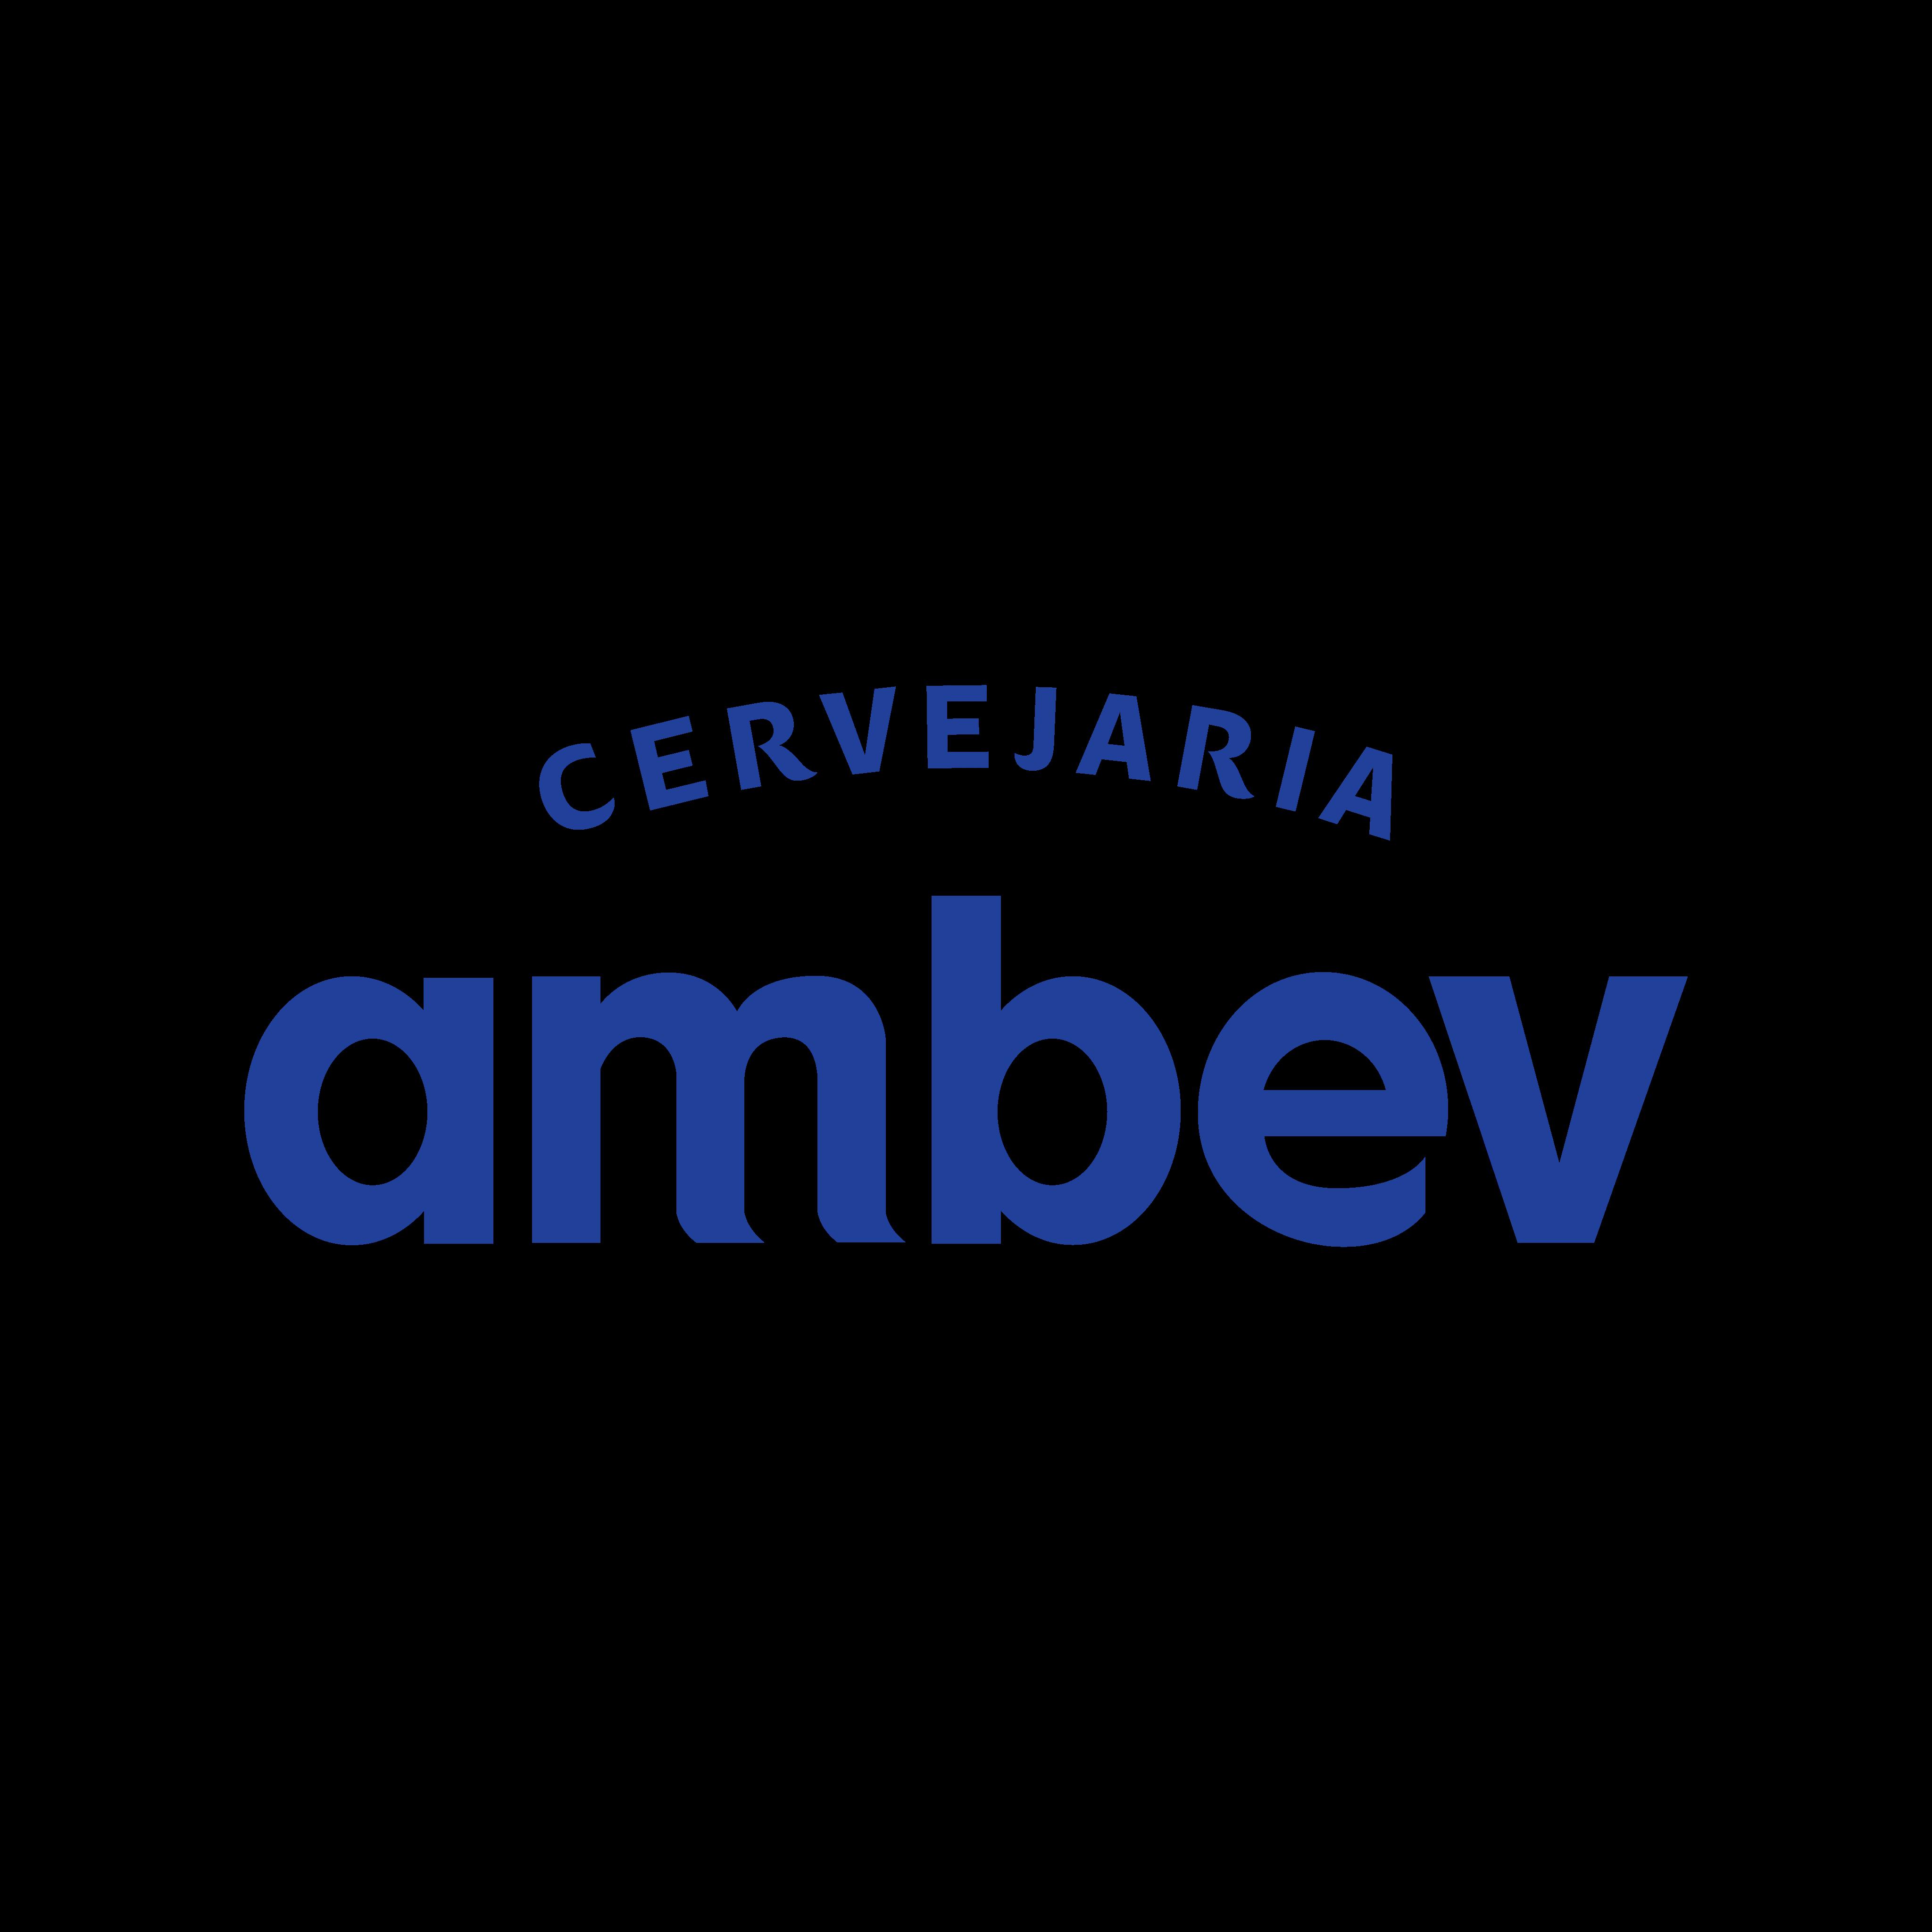 ambev logo 0 - Ambev Logo